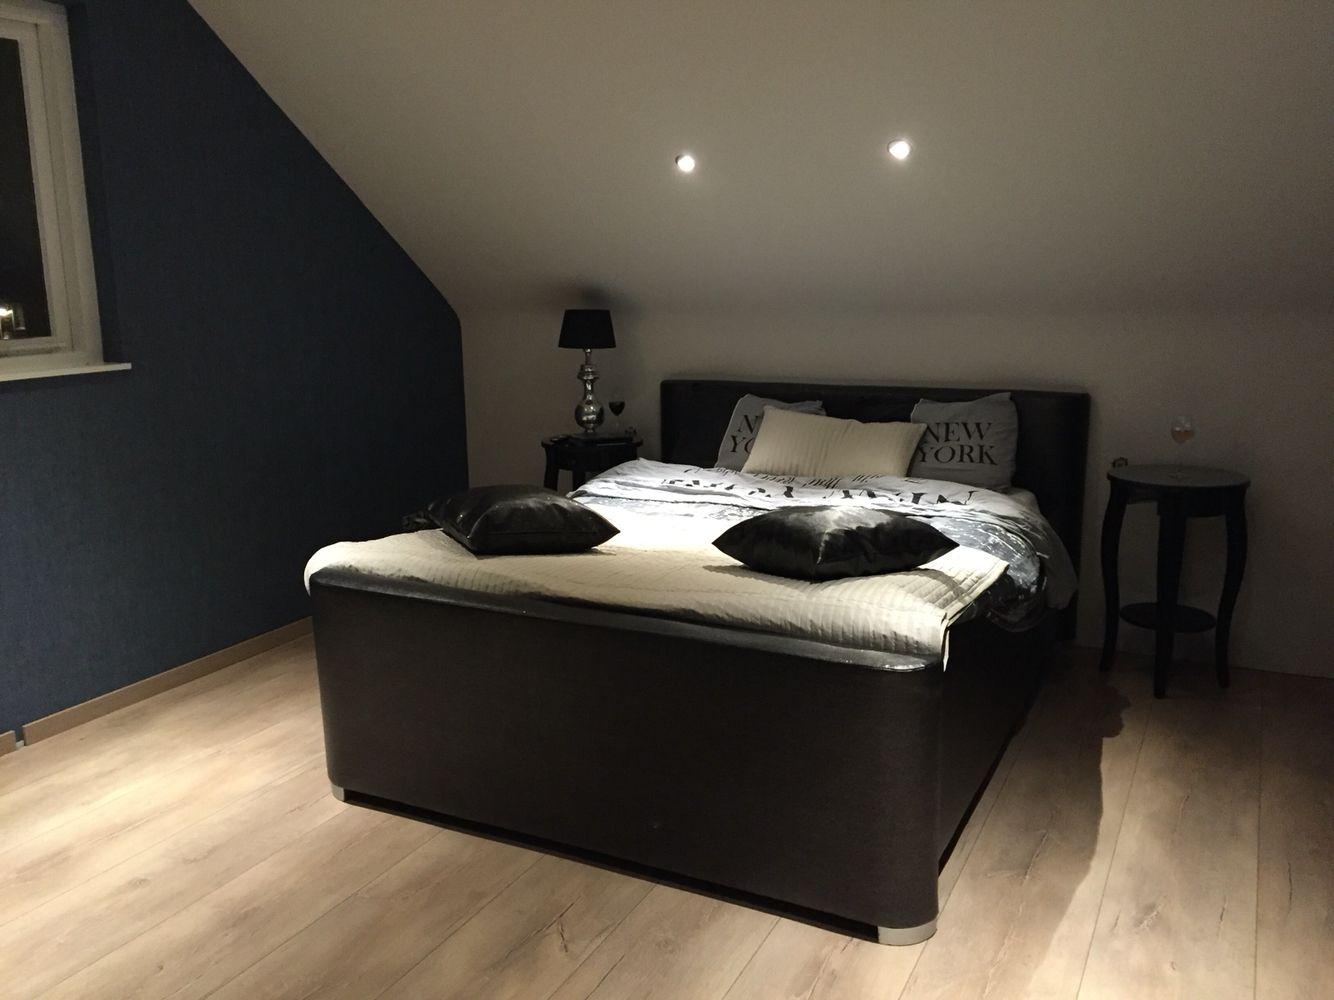 slaapkamer schuin dak - slaapkamer ideeen zolder | pinterest